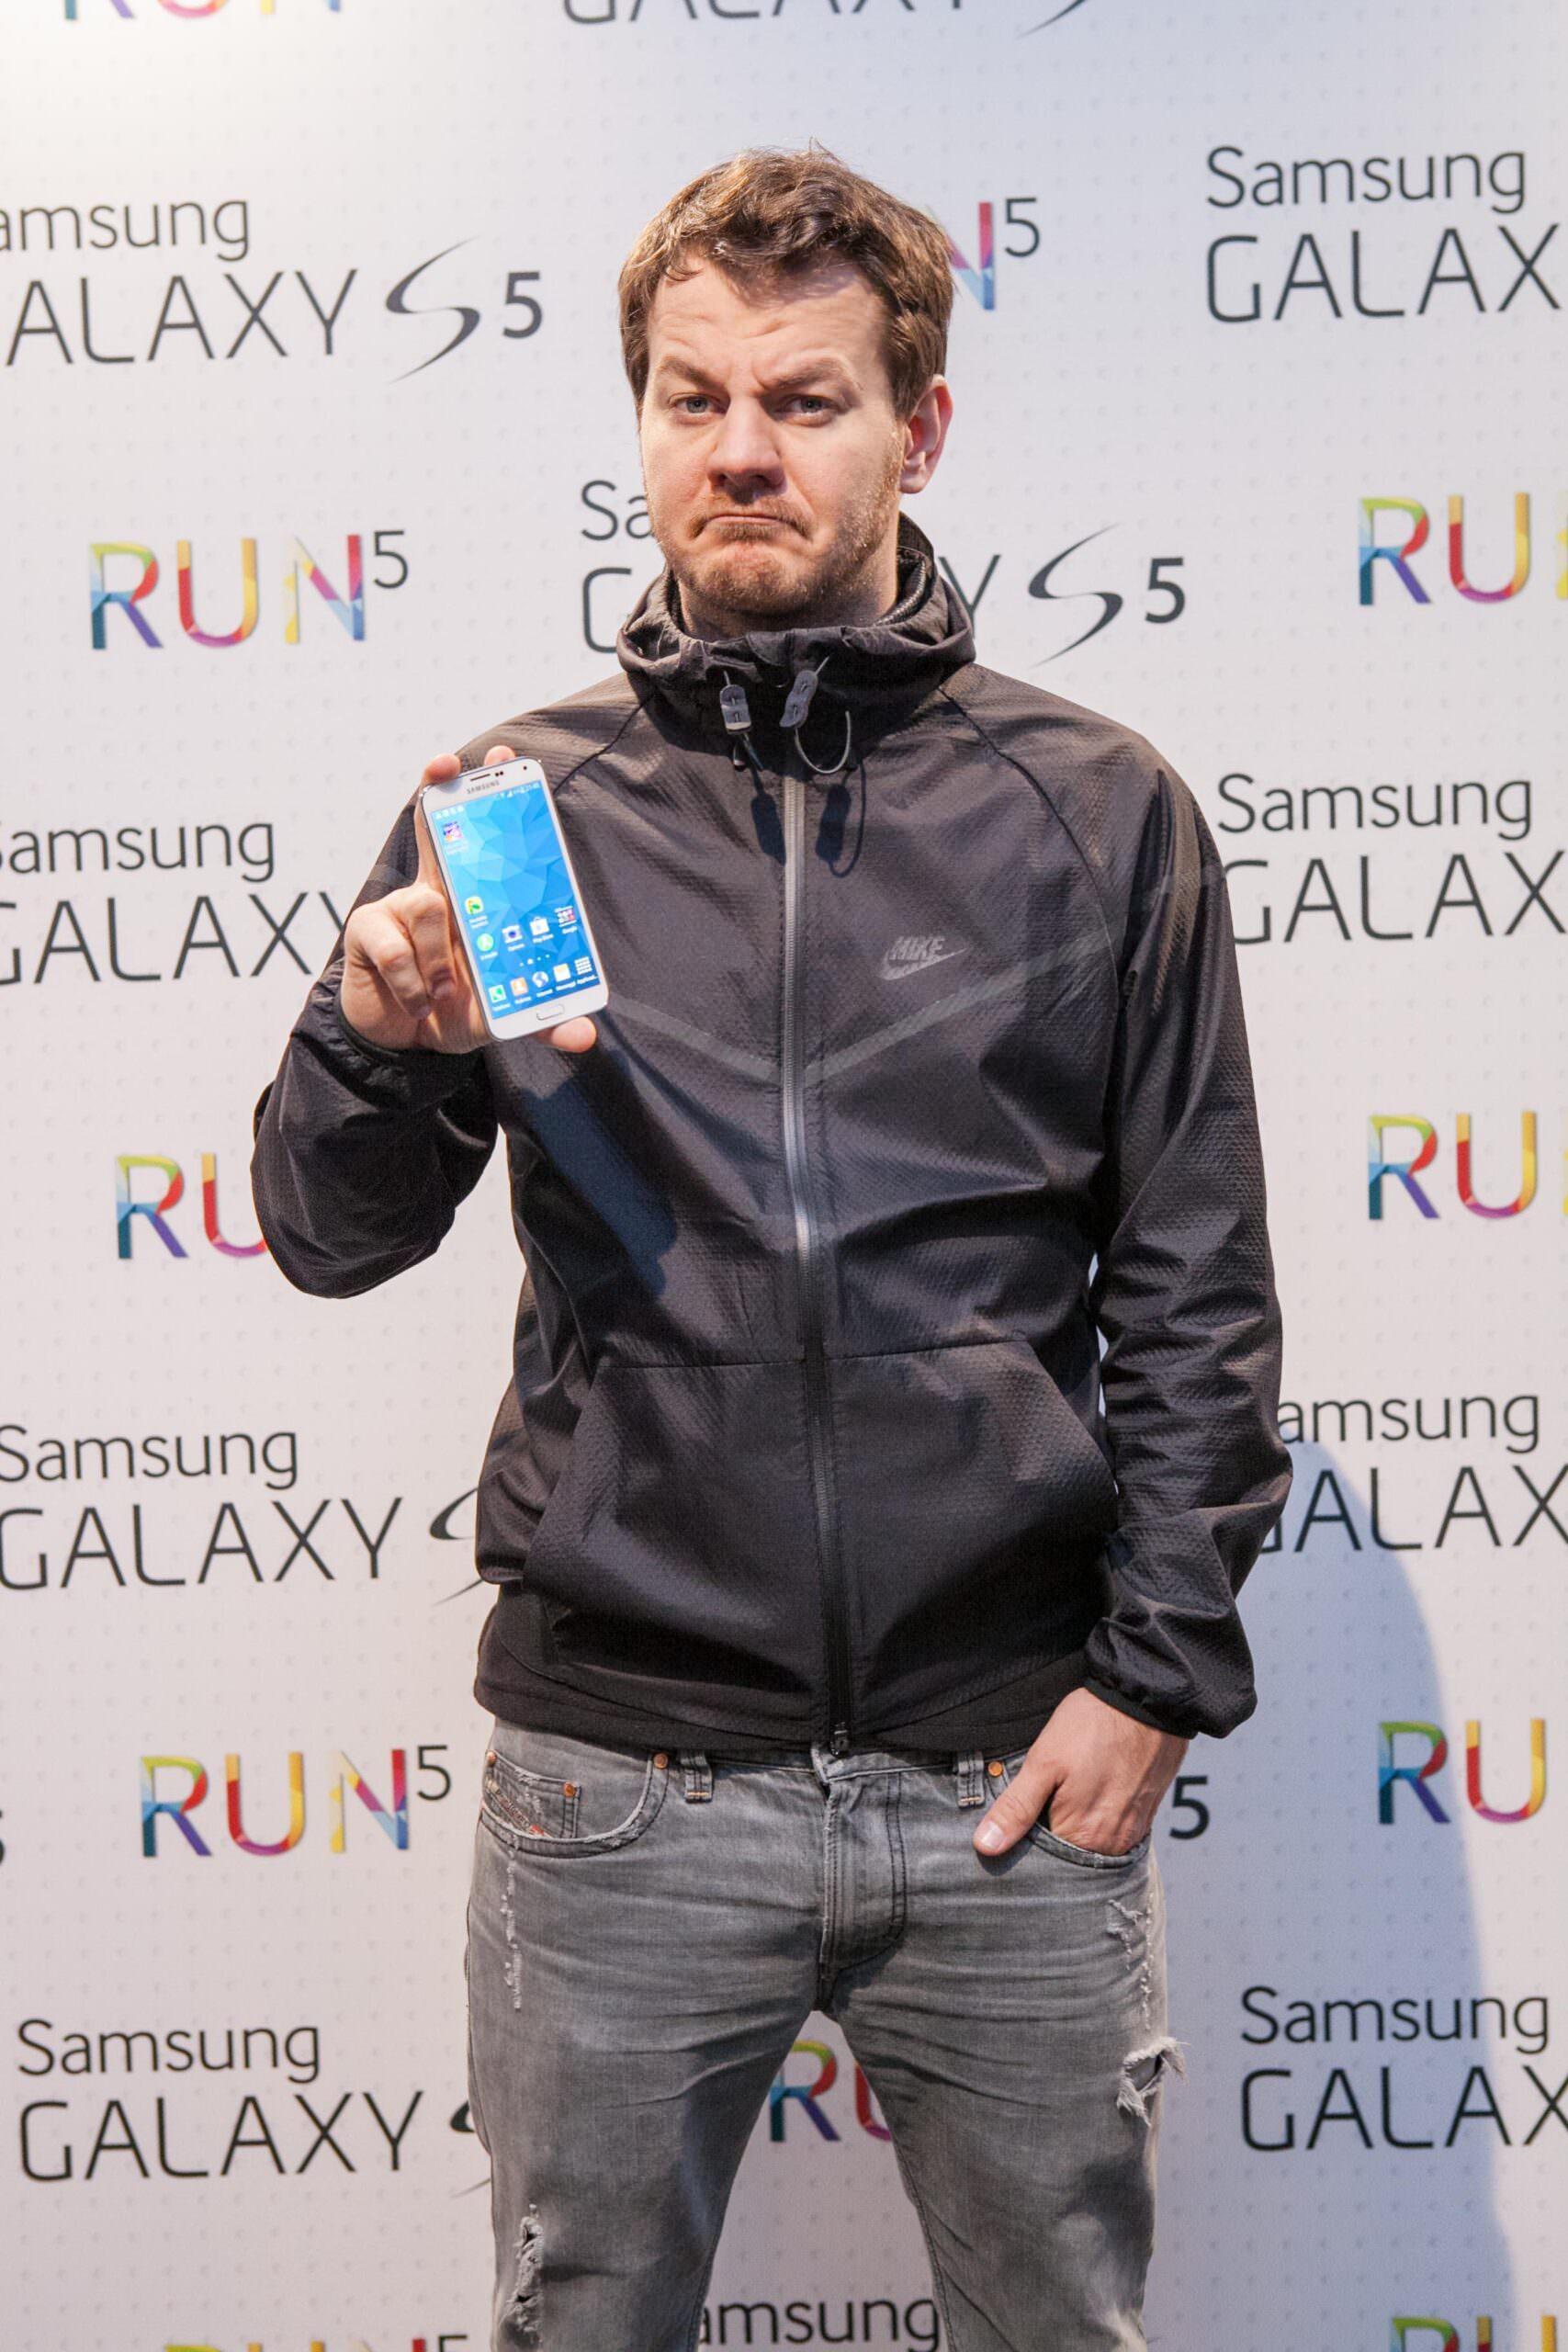 Samsung_Galaxy_S5_42